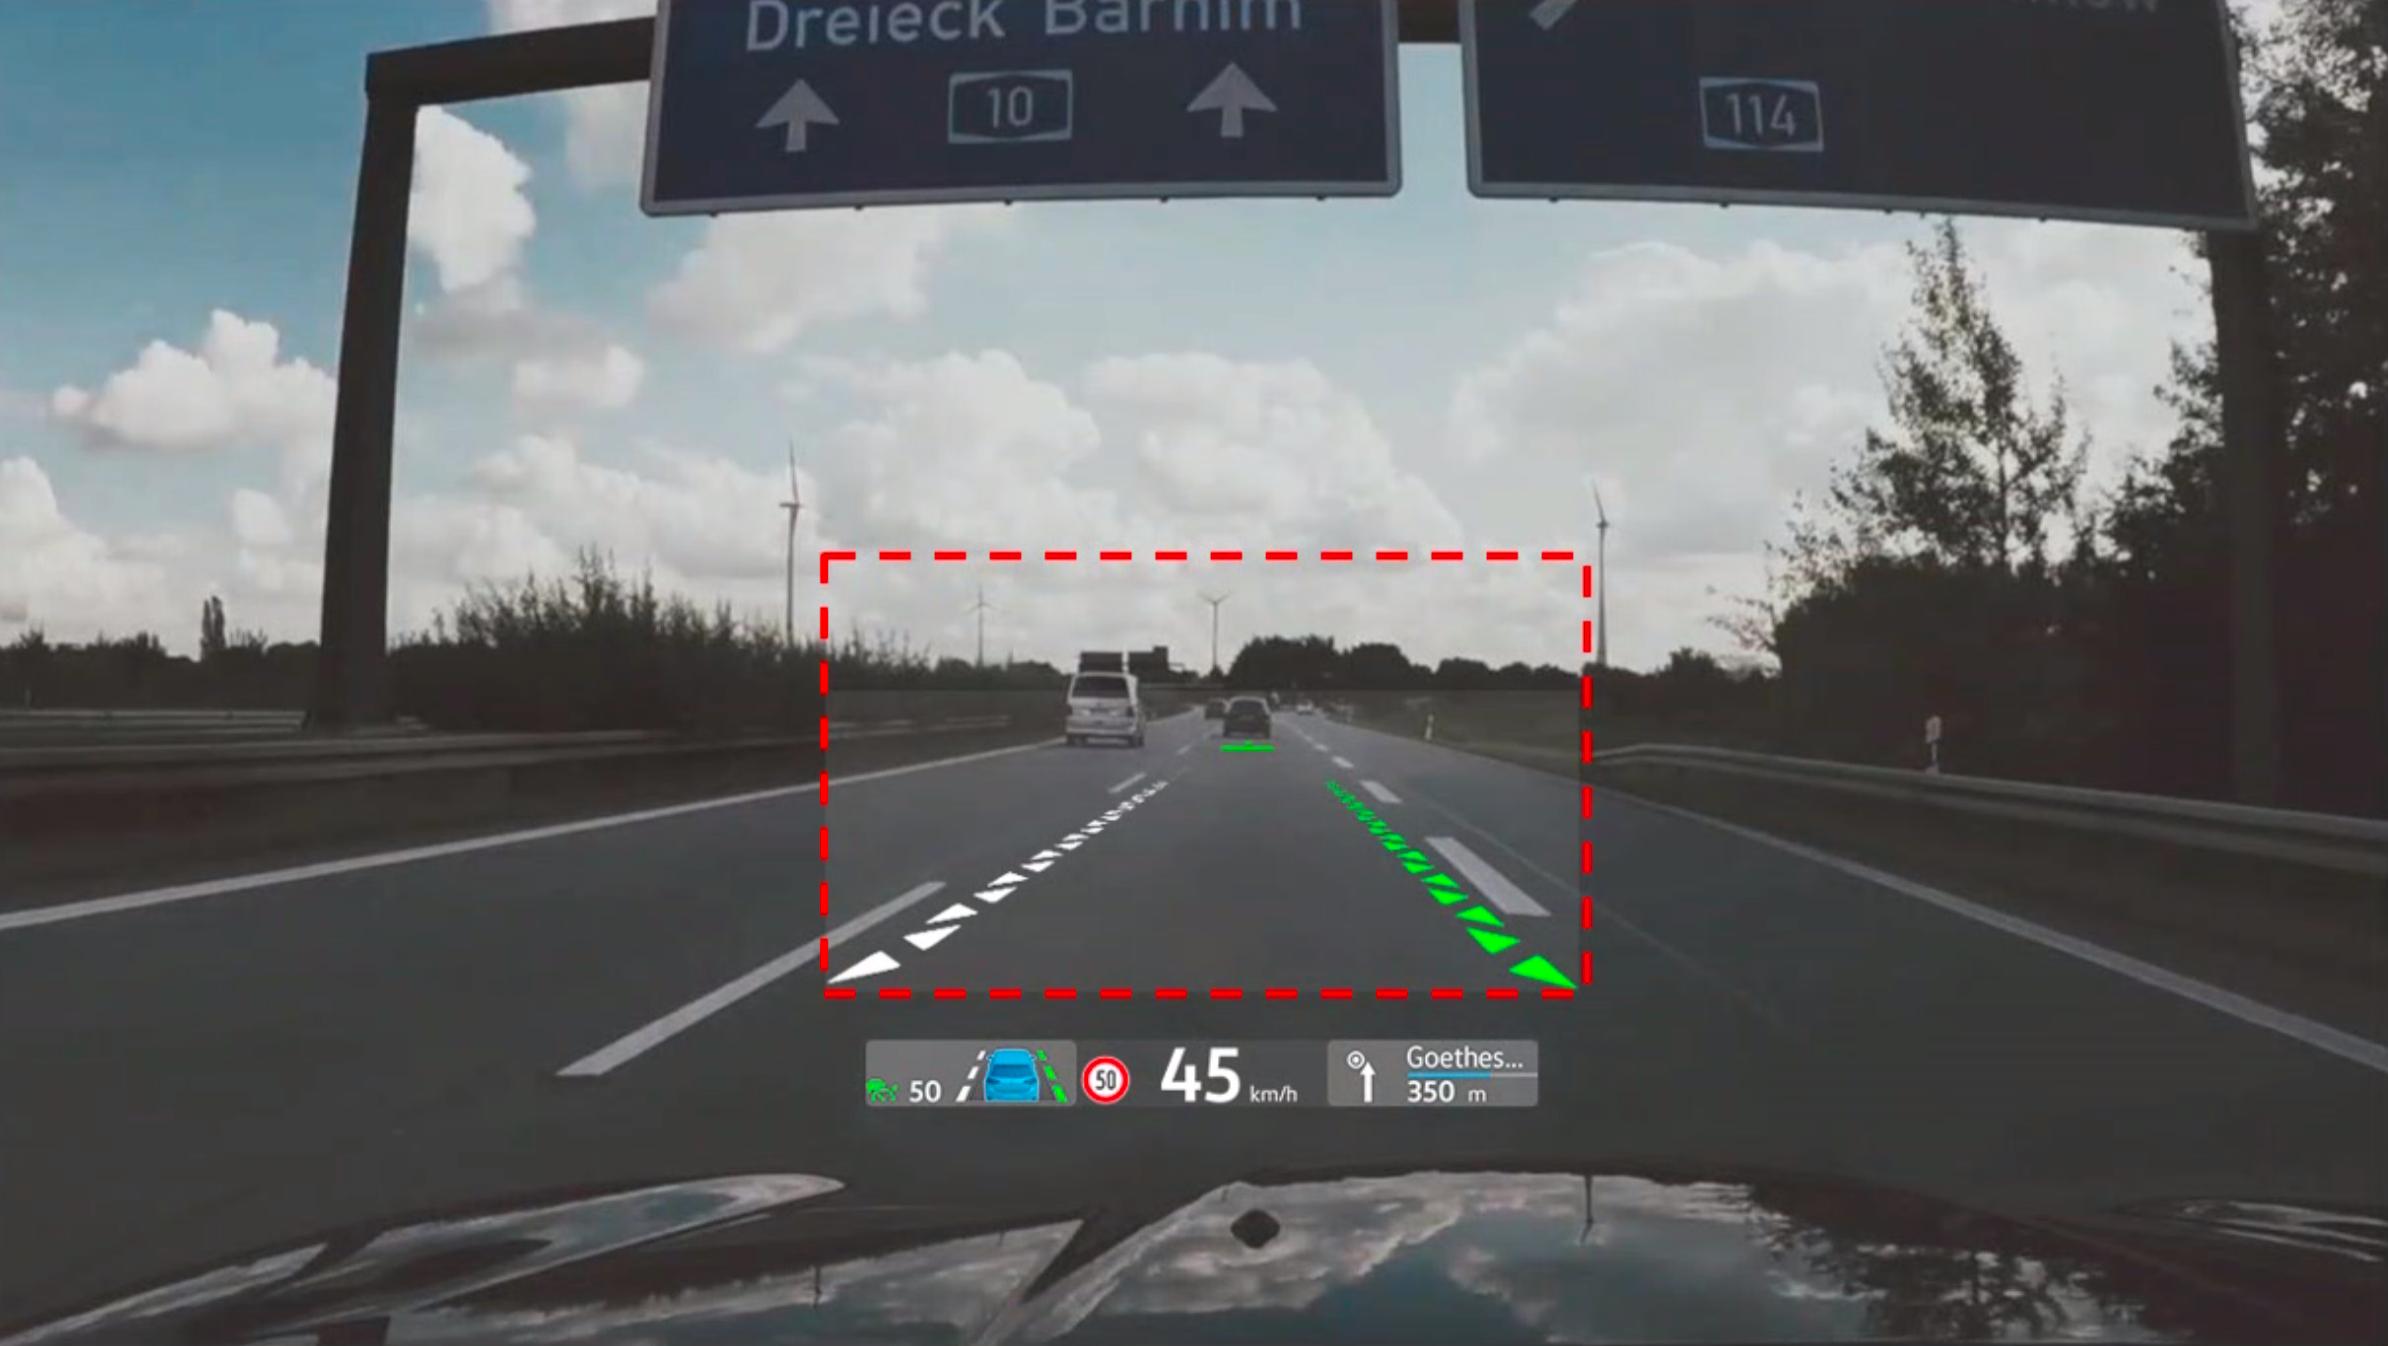 Det er augmented reality-delen av headup-displayet (innenfor den stiplede linjen) som ikke vil være tilgjengelig fra start. Vanlige navigasjonsanvisninger og liknende vil imidlertid være tilgjengelig.